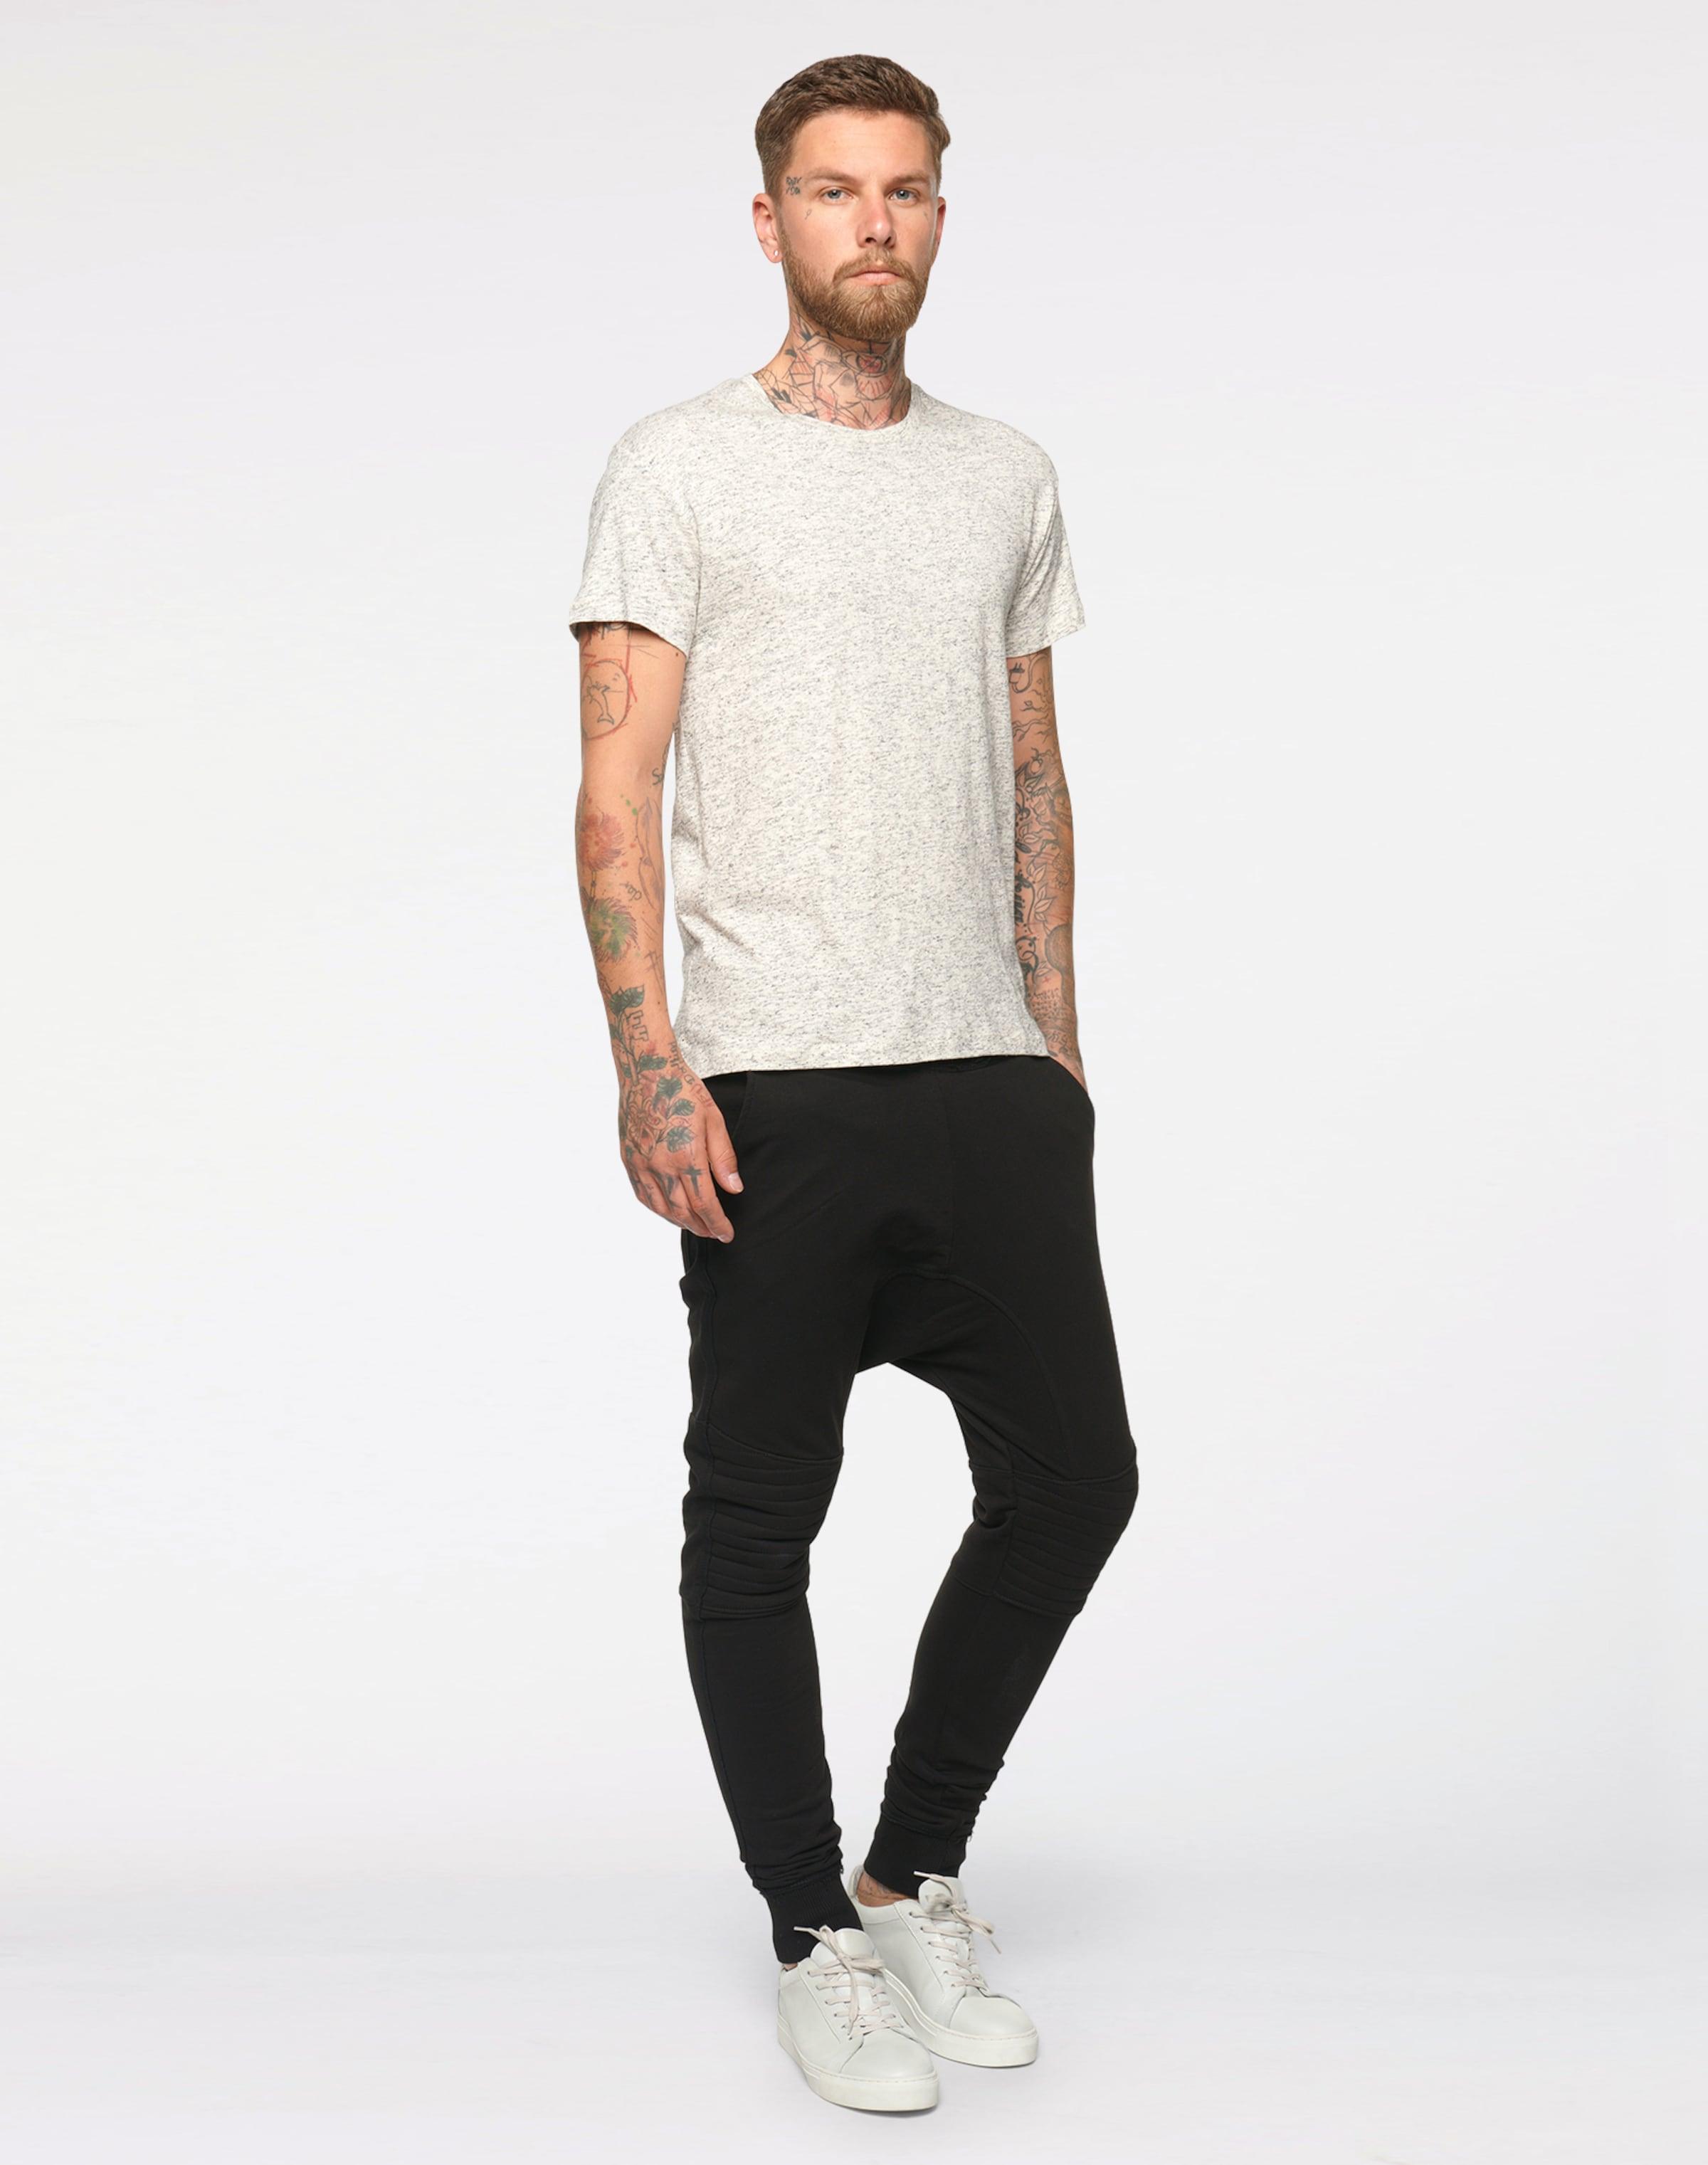 Samsoe & Samsoe T-Shirt 'Uhrskov 6360' Billige Finish Online Einkaufen eQJ2smf